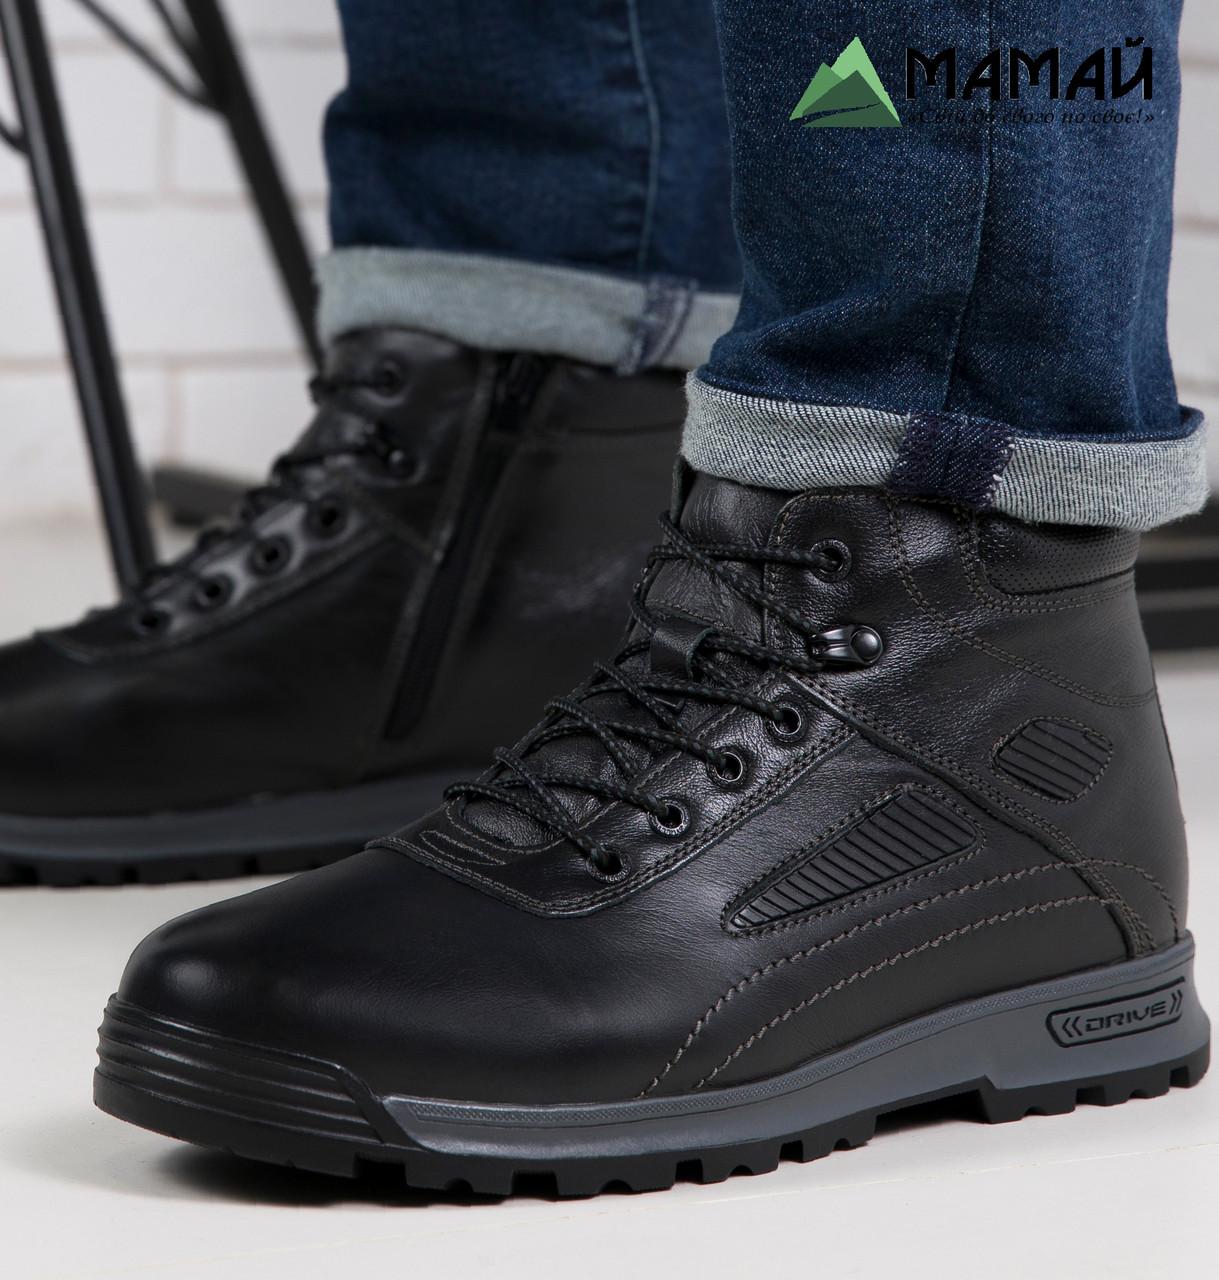 Чоловічі зимові черевики з натуральної шкіри -20°C 40р